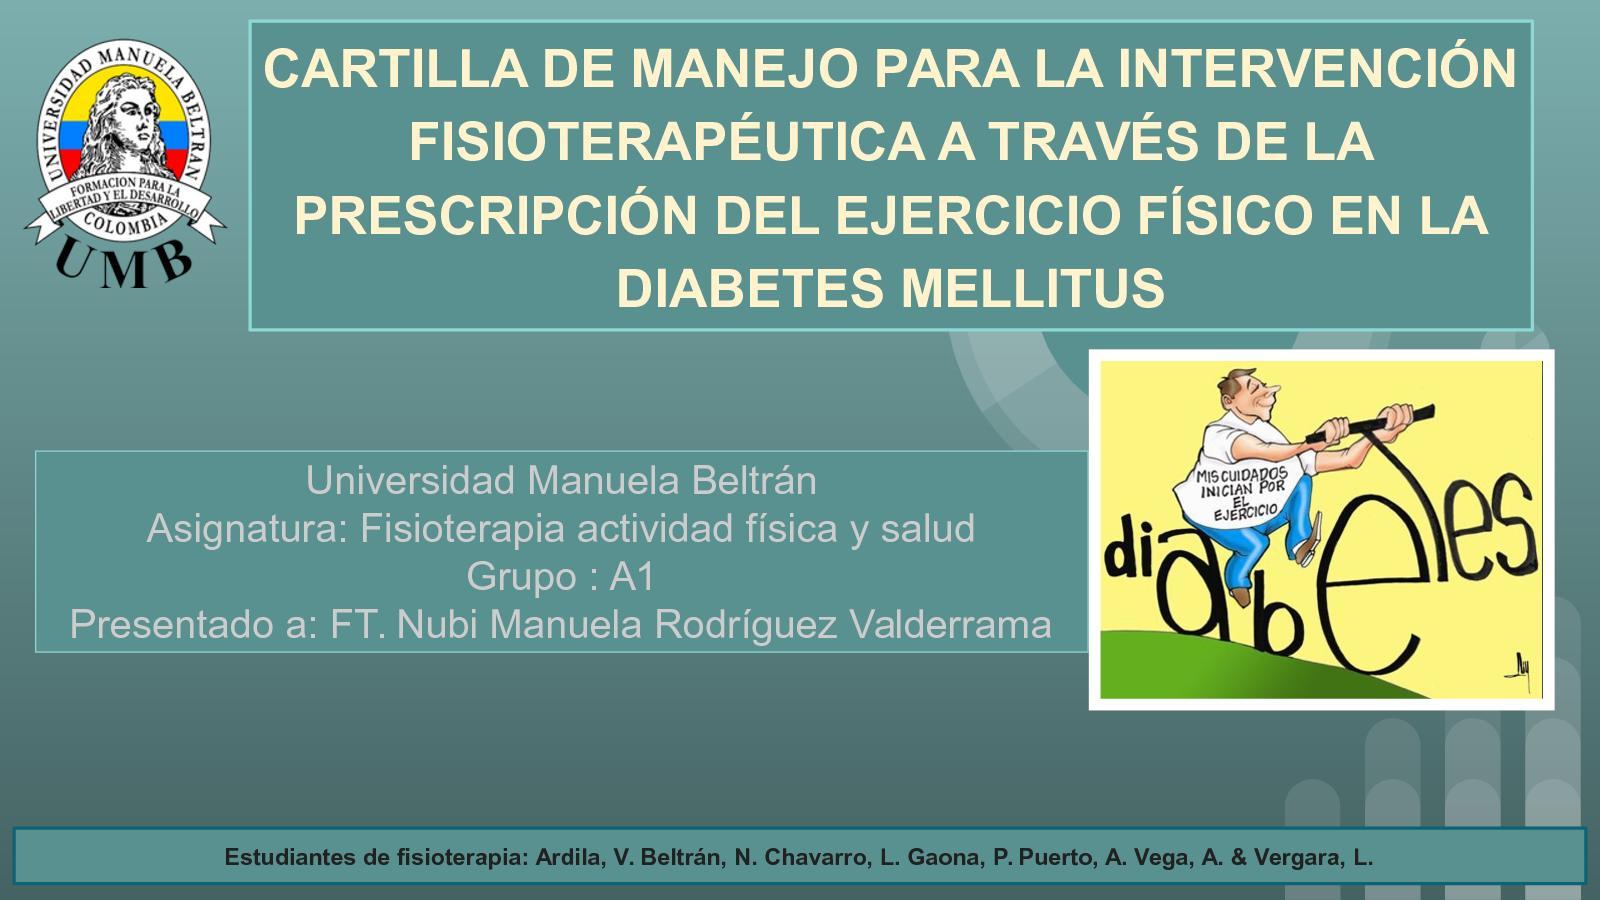 Diabetes insípida causa presión arterial alta